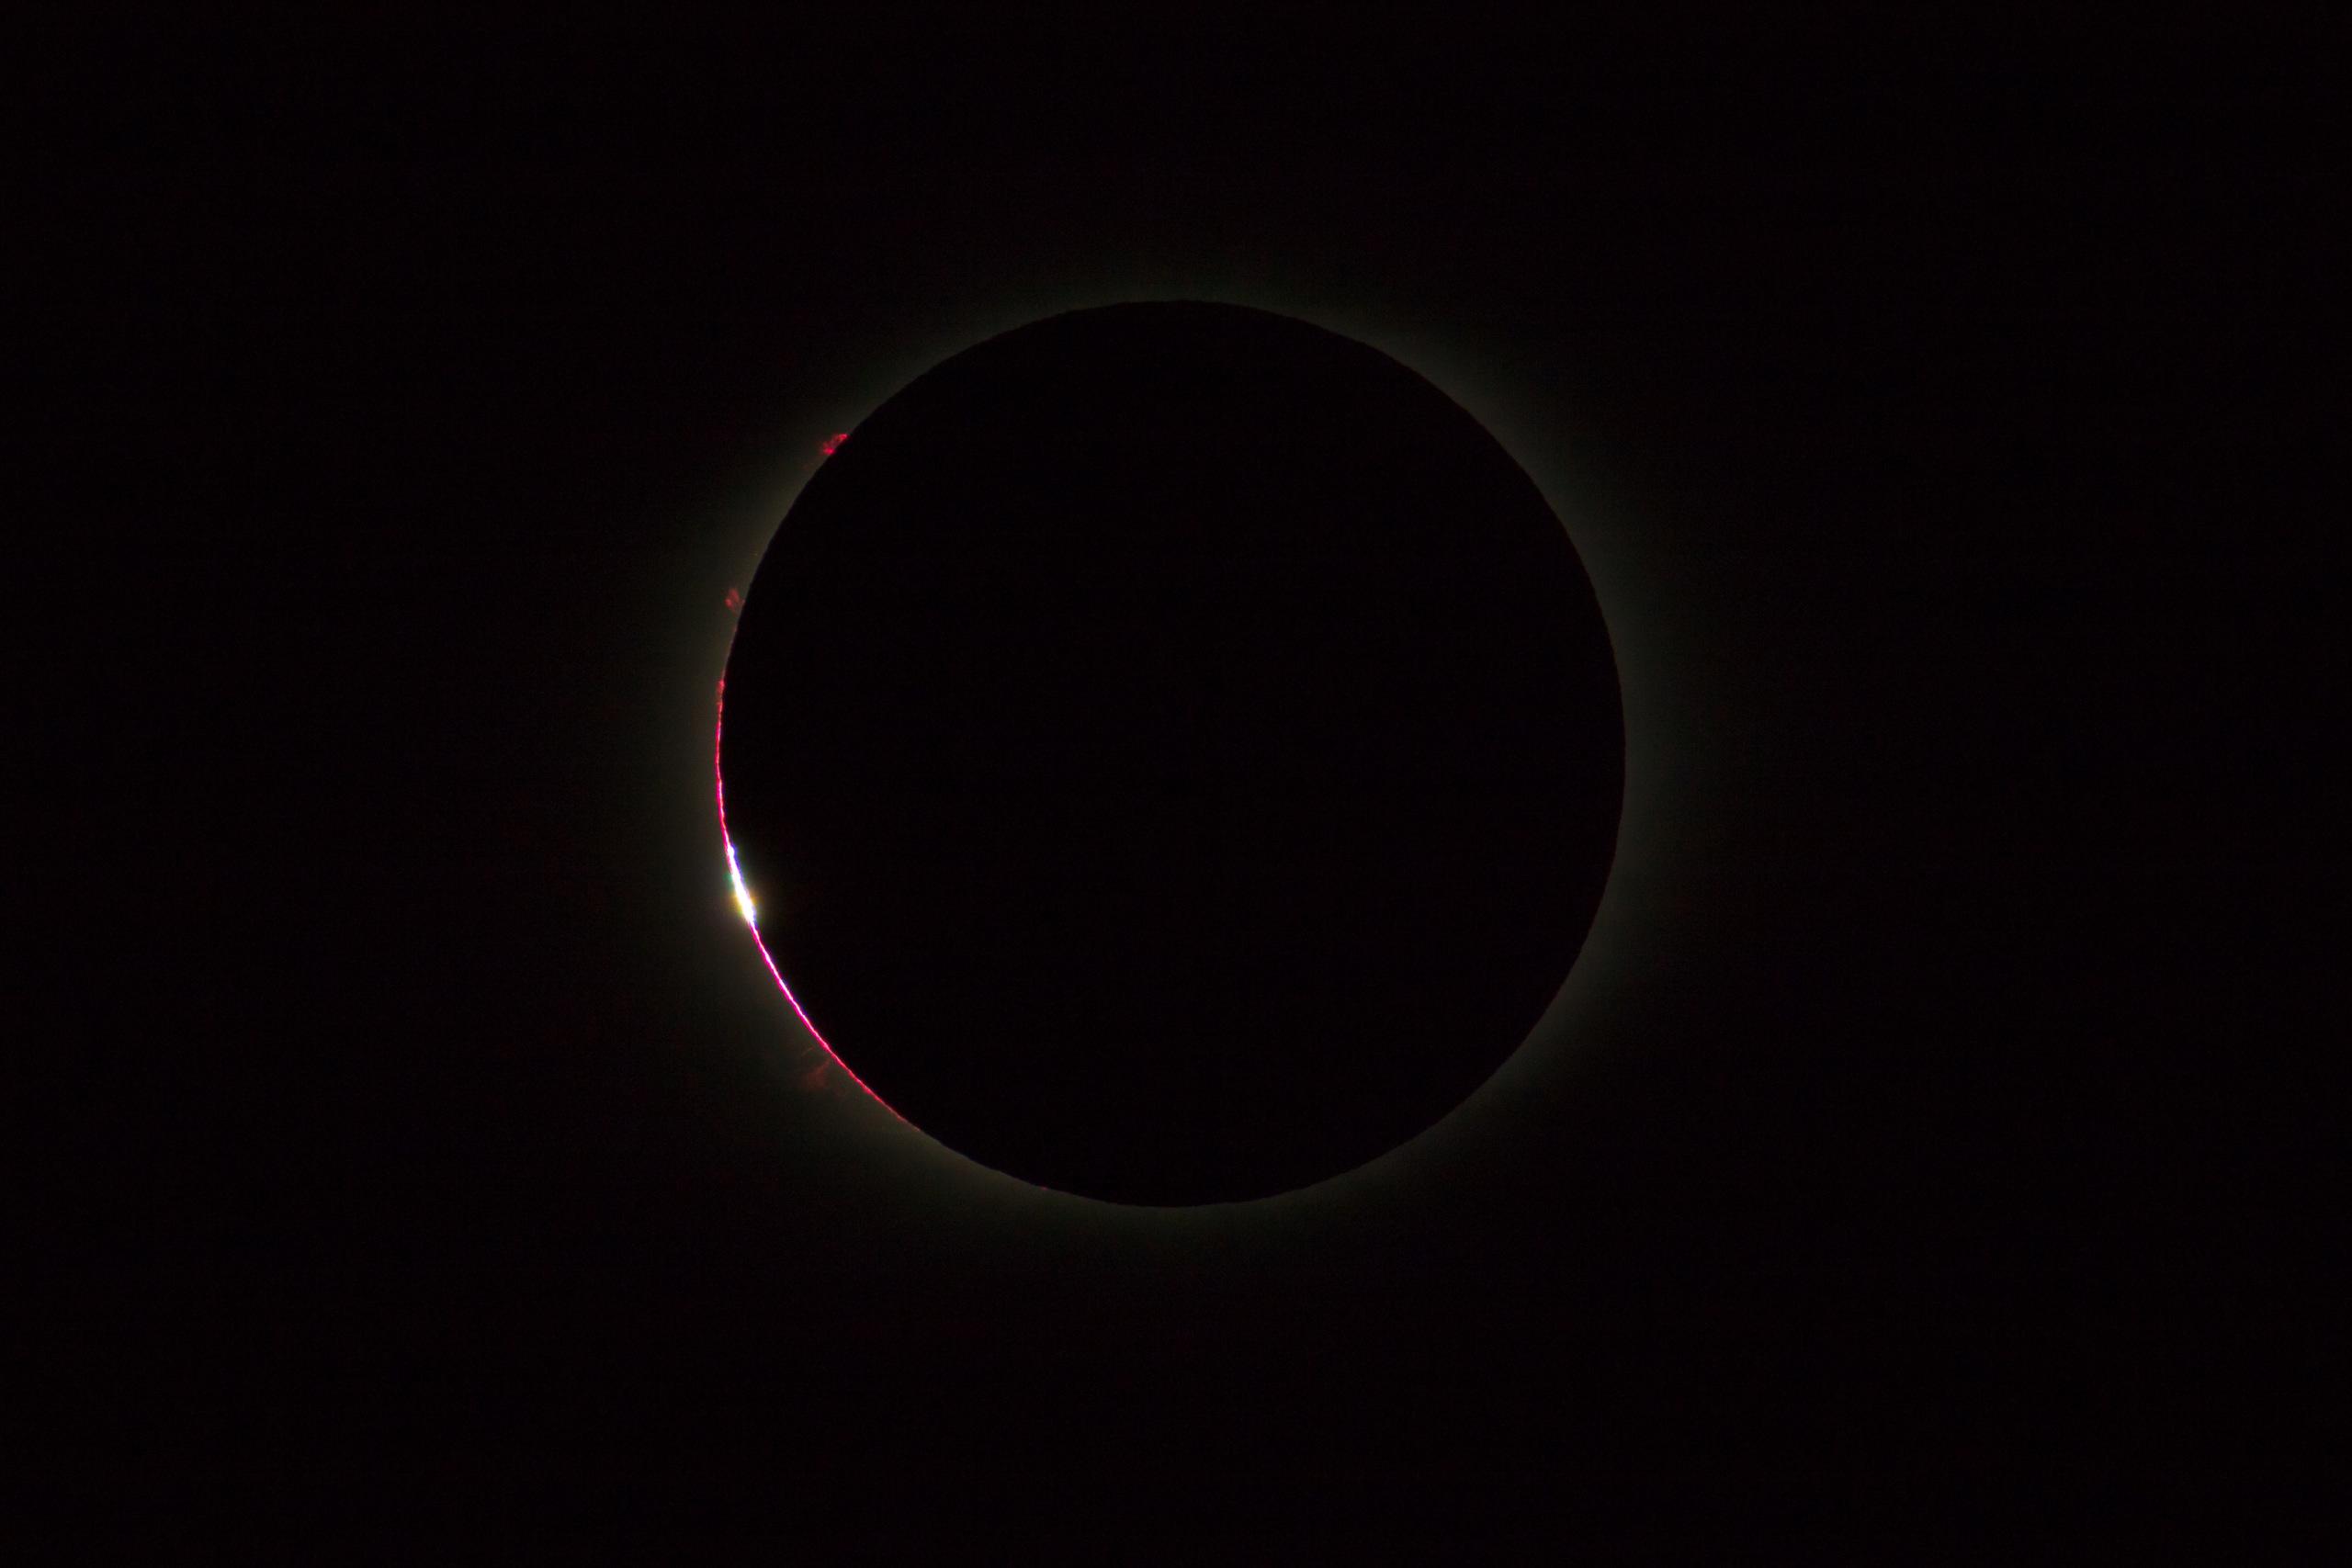 Eclipse de Soleil au Chili - 2 Juillet 2019  - Page 2 Img_3110